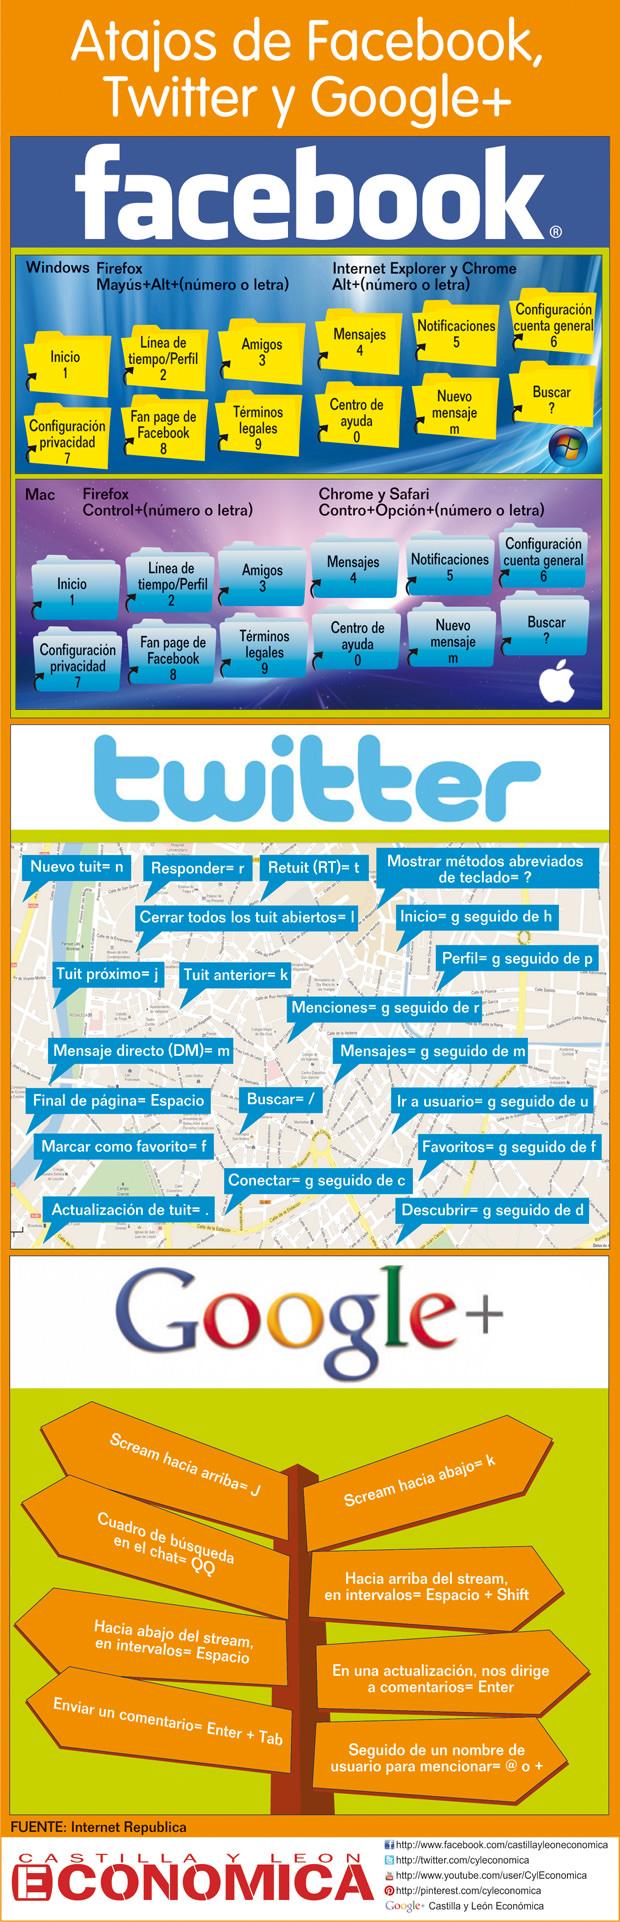 Atajos de teclado en facebook, twitter y google+